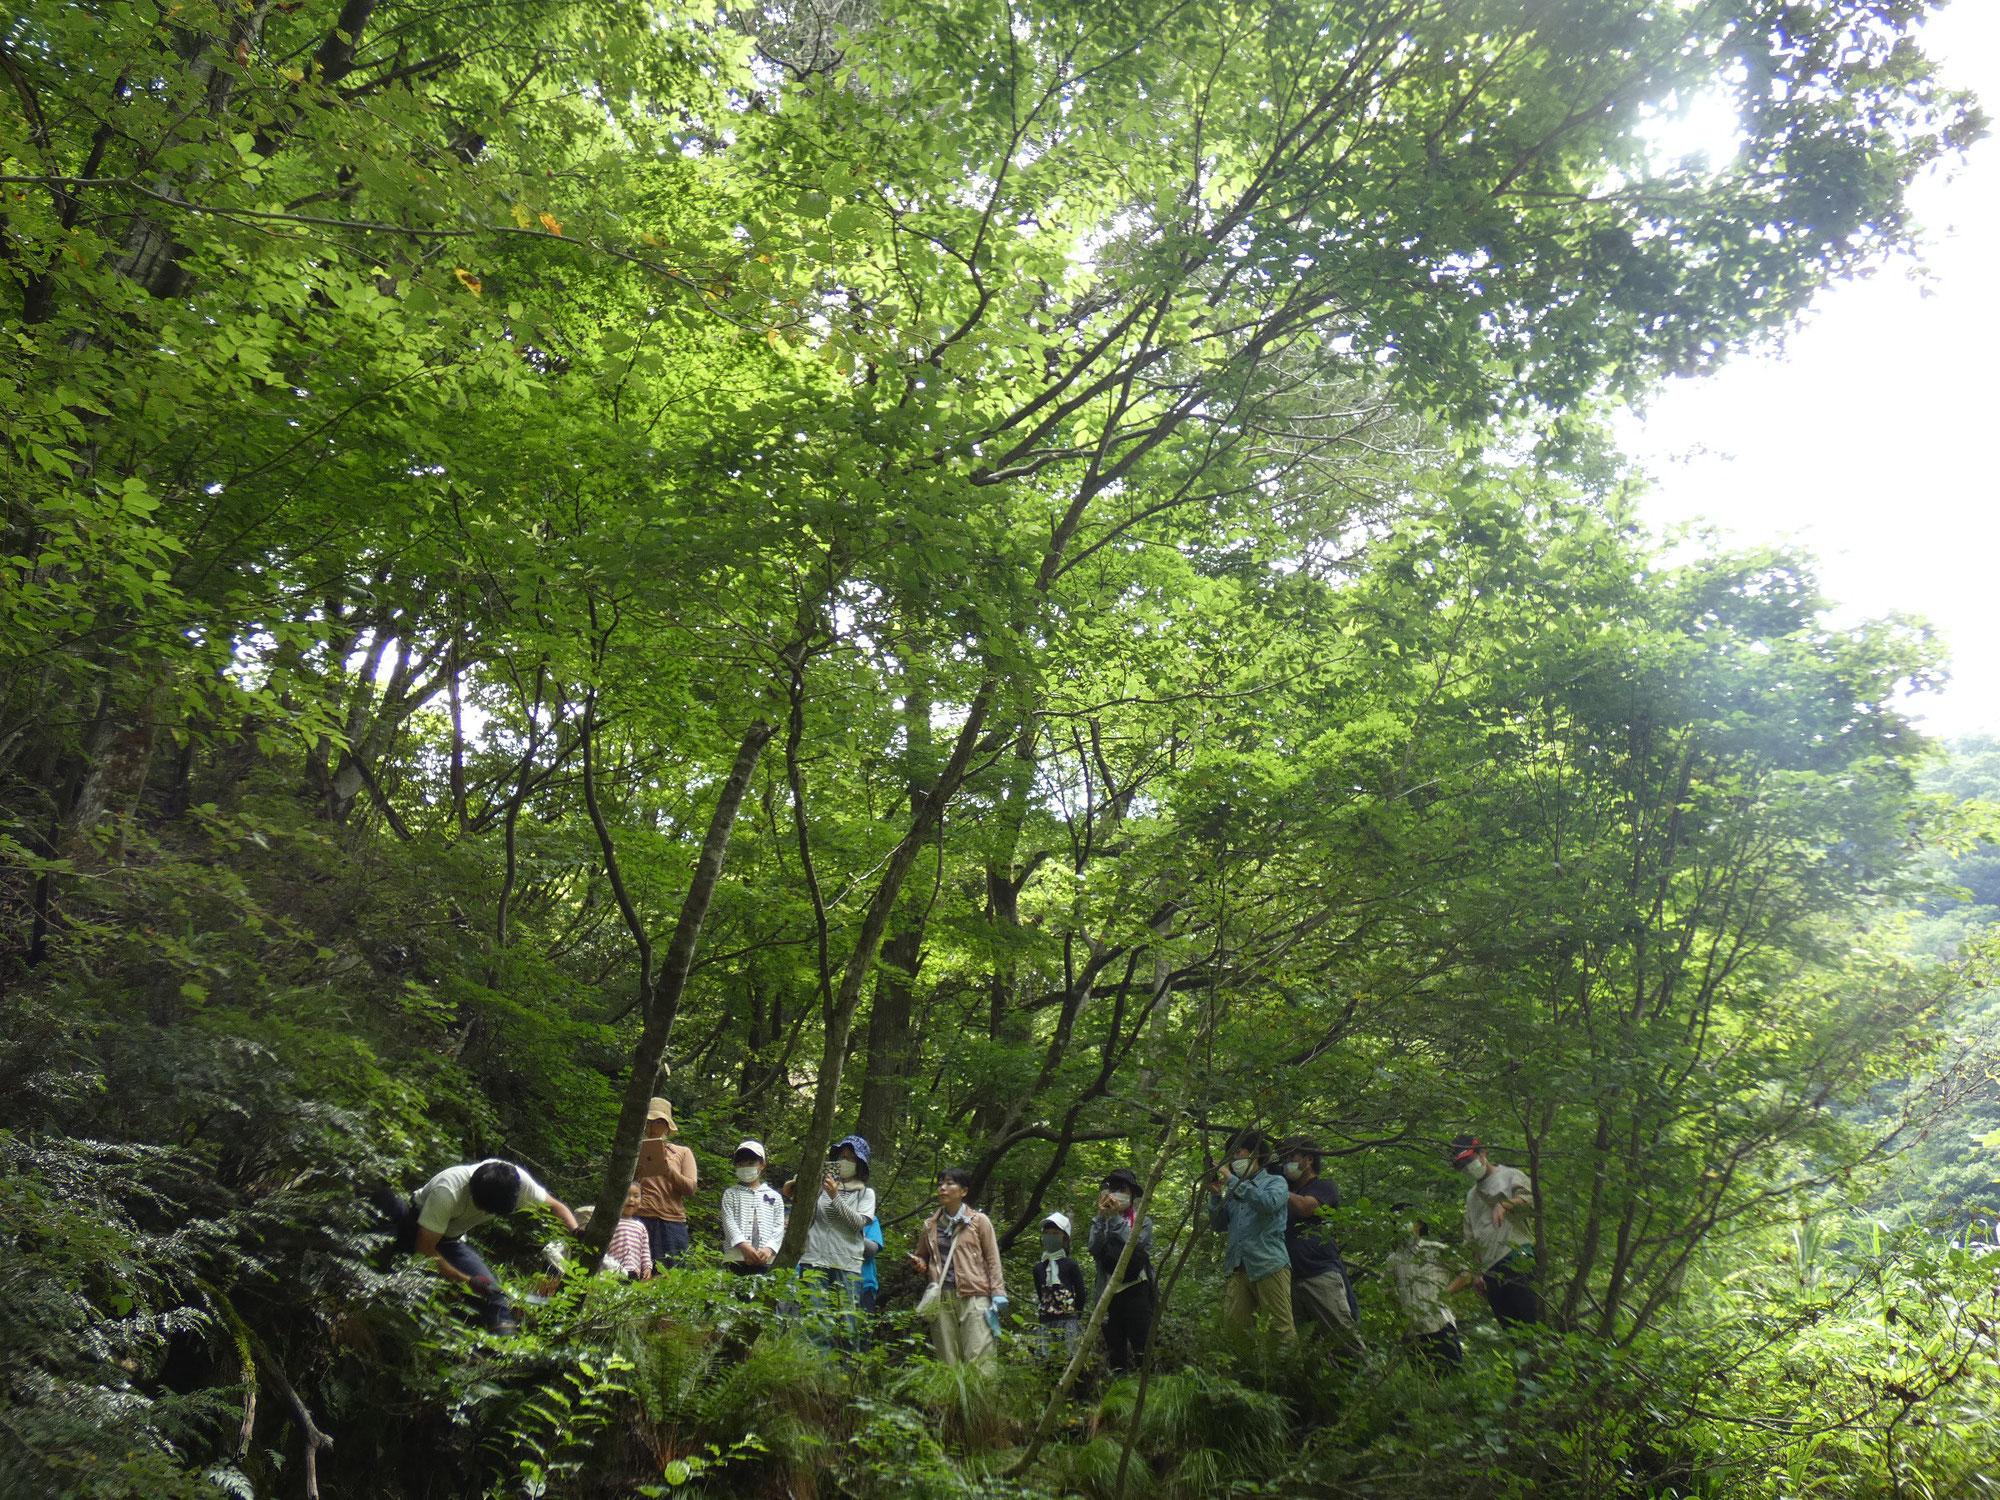 週末森びと養成講座グリーンウッドワーク編初めてのグリーンウッドワーク森に入って木を伐り、お箸づくり